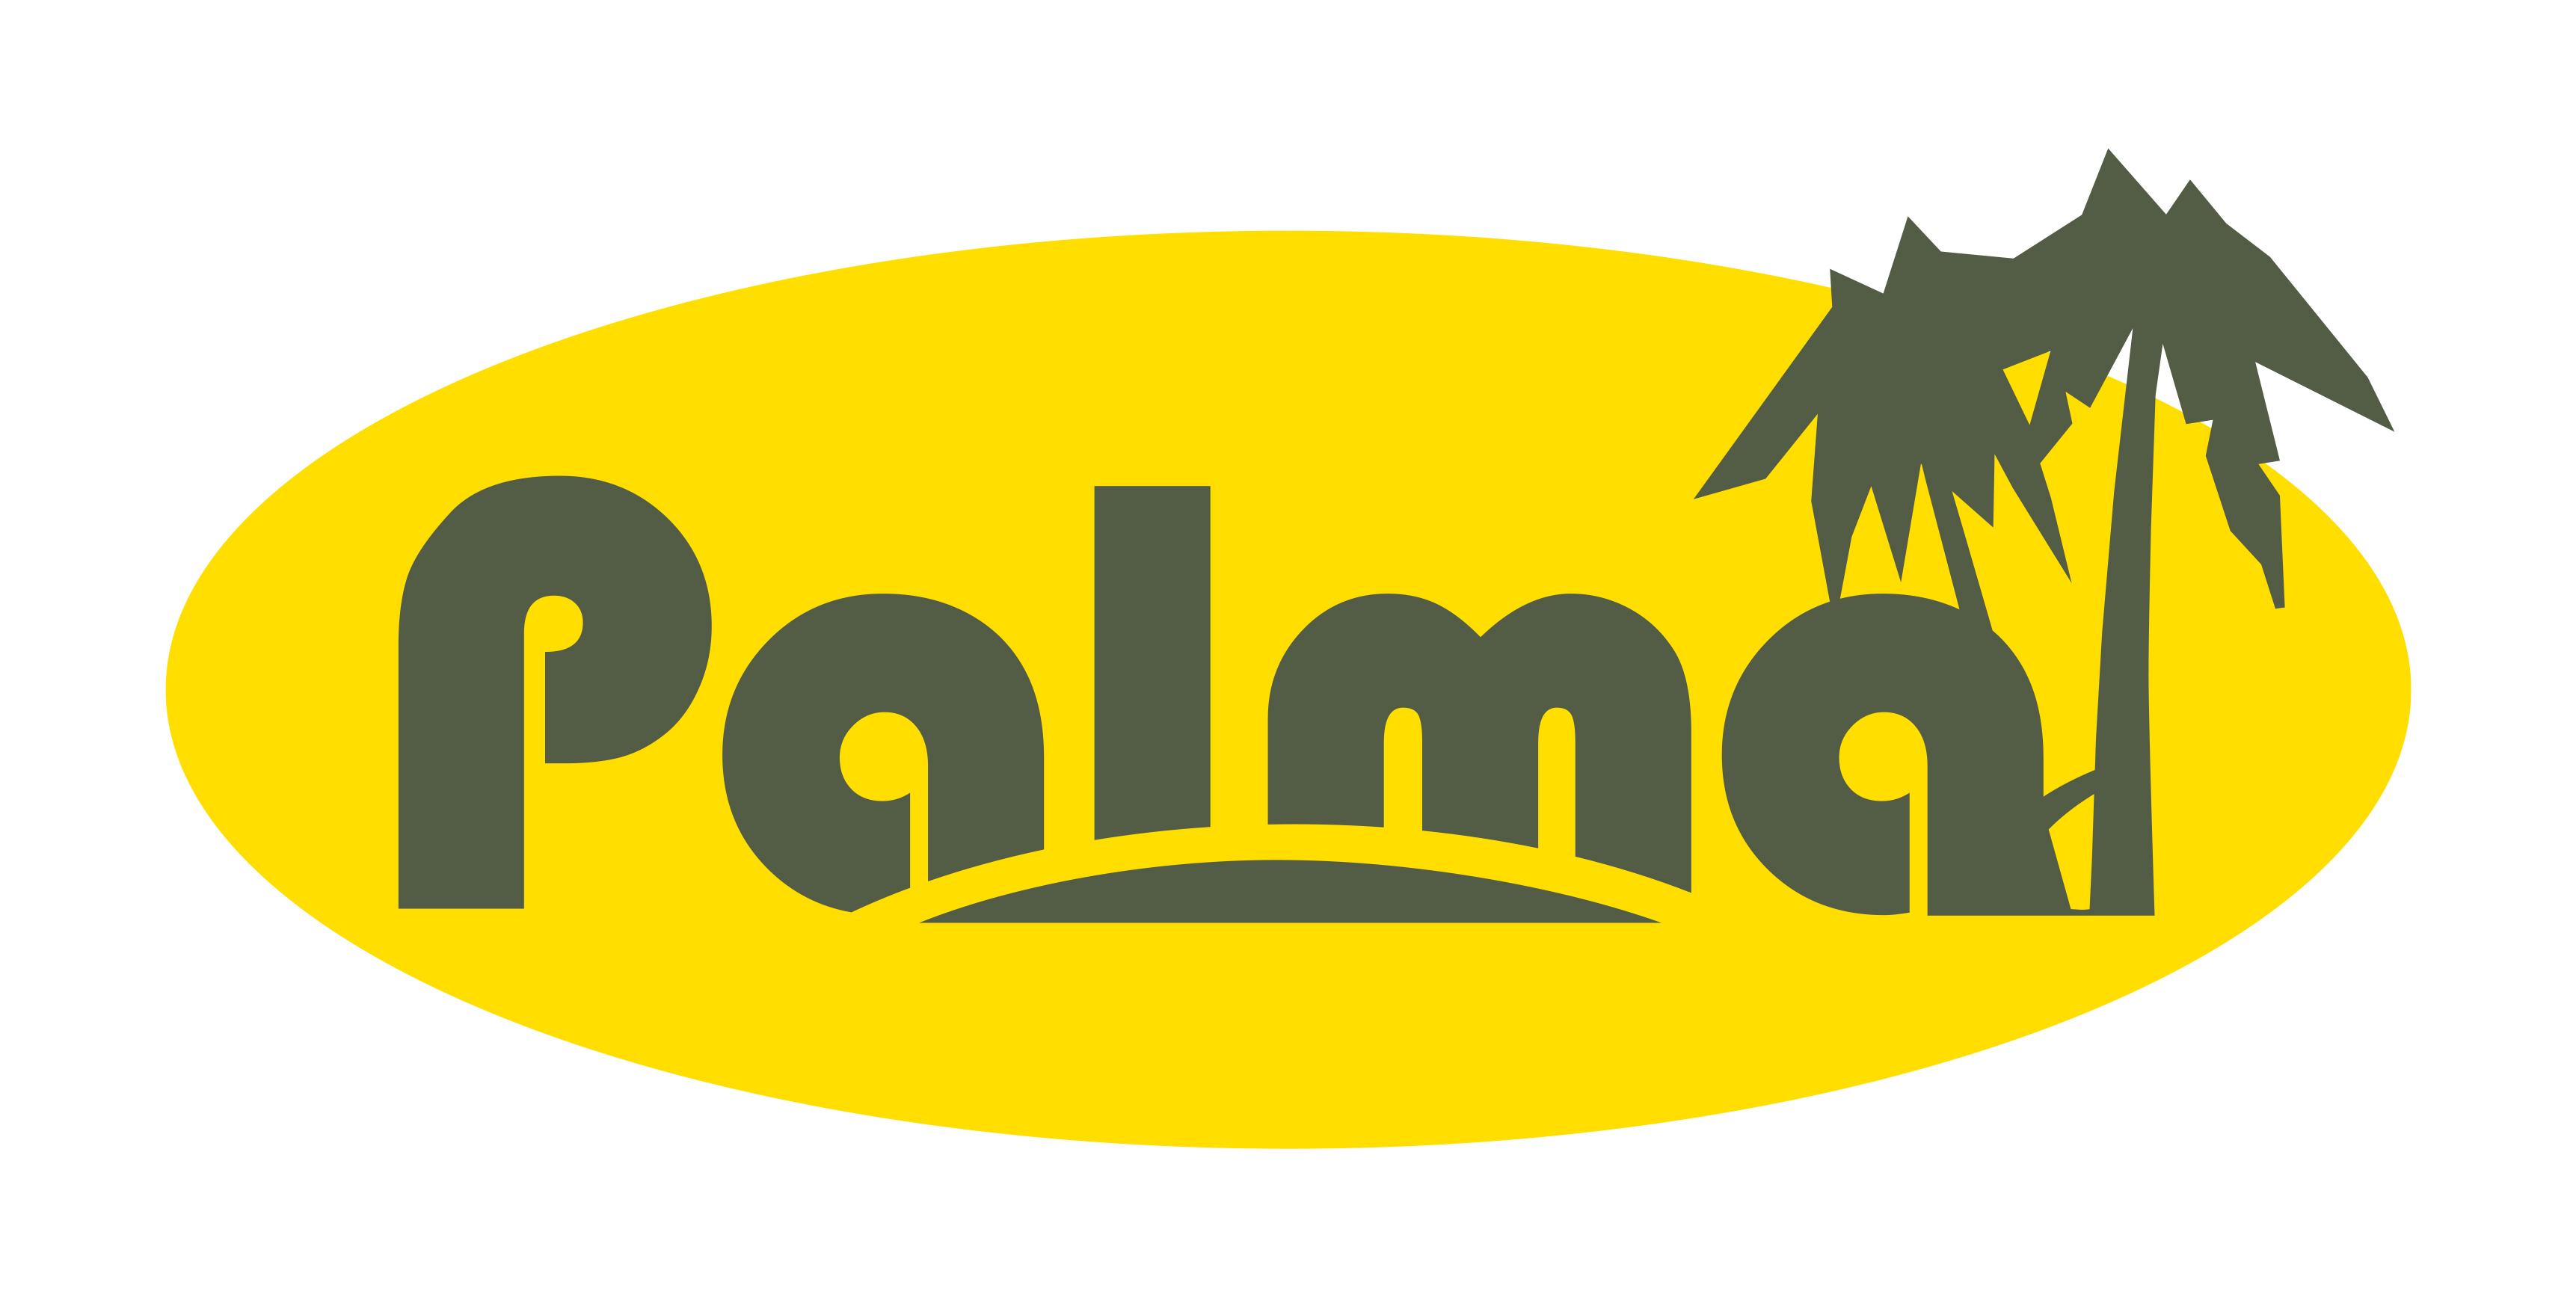 Palma logoArtboard 1